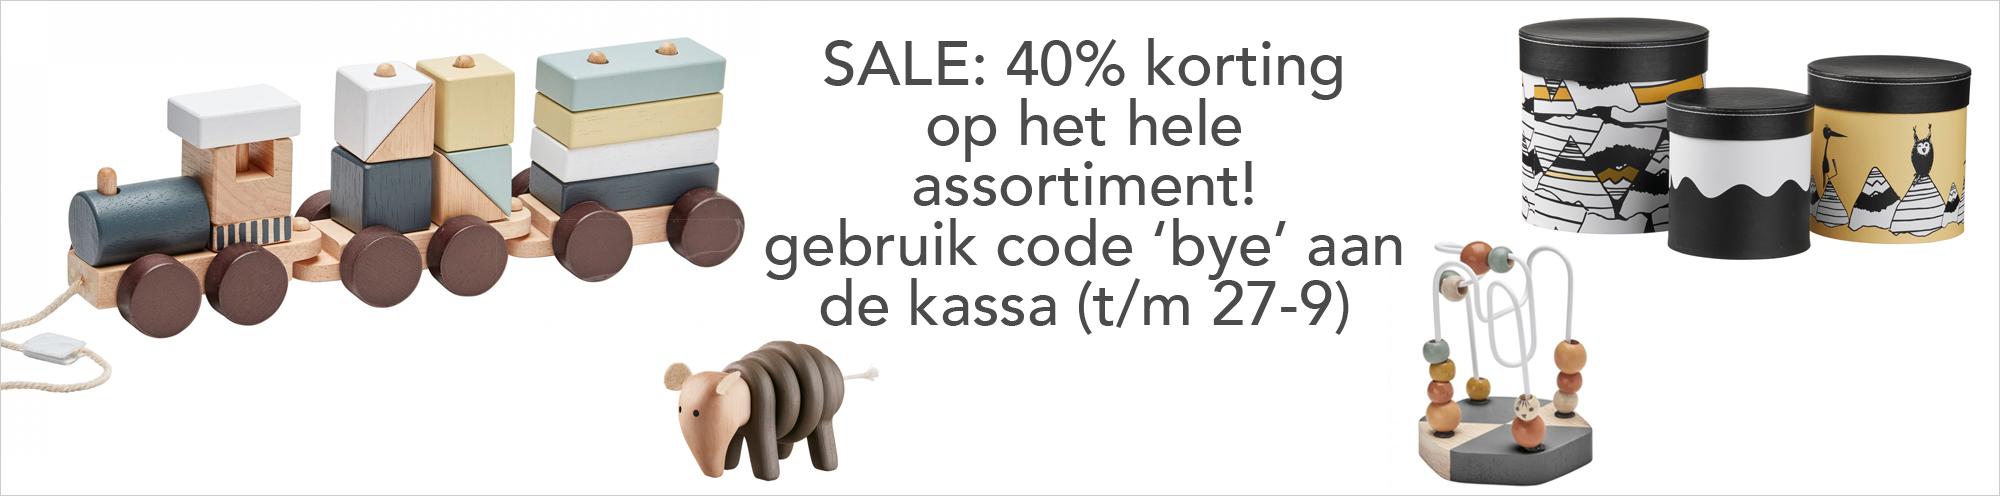 ScandinaviëXS: hippe en veilige baby- en kinderproducten banner 1